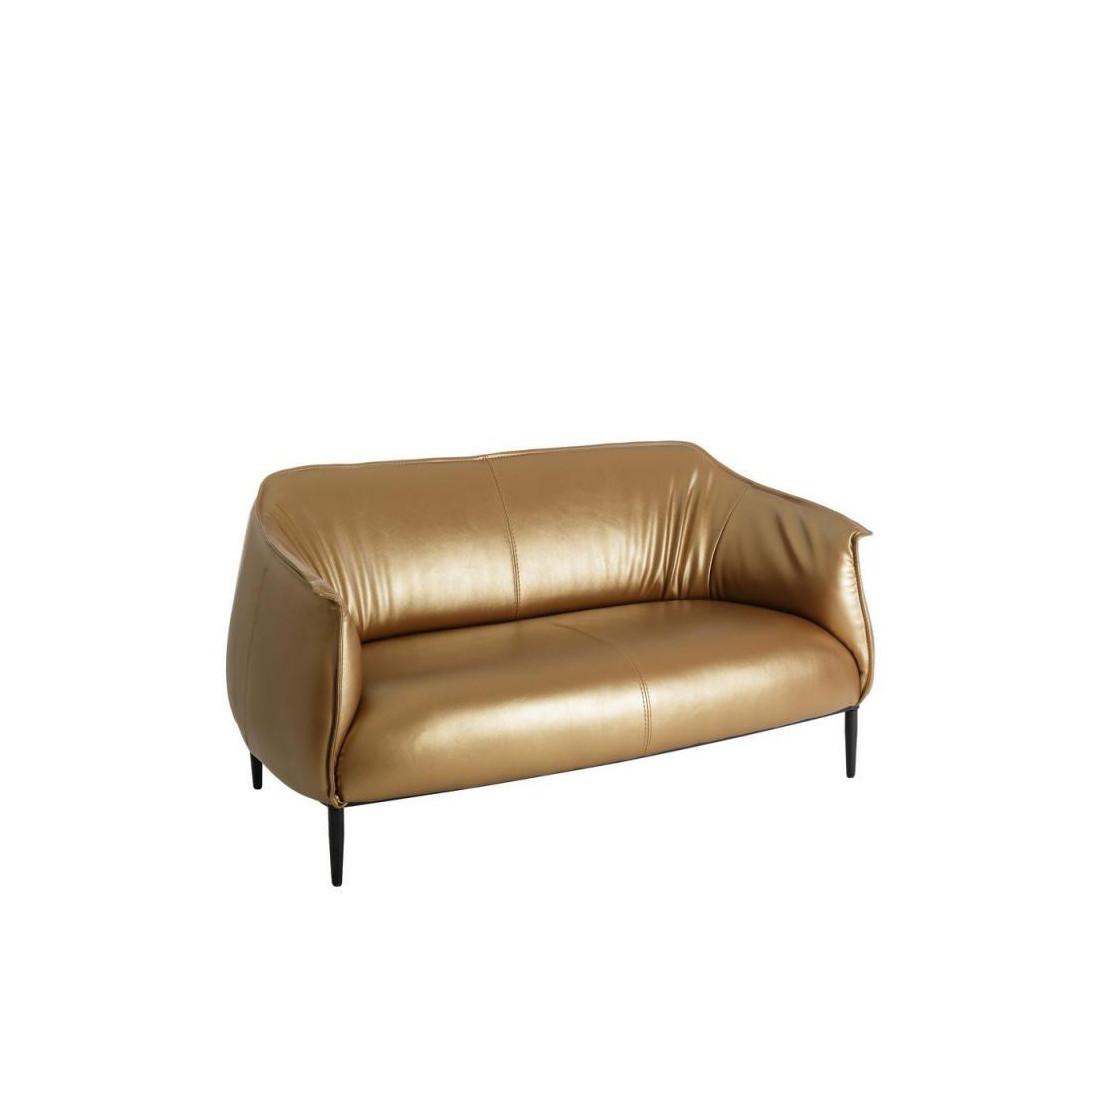 Canap 2 places simili cuir or golden univers du salon - Univers du cuir canape ...